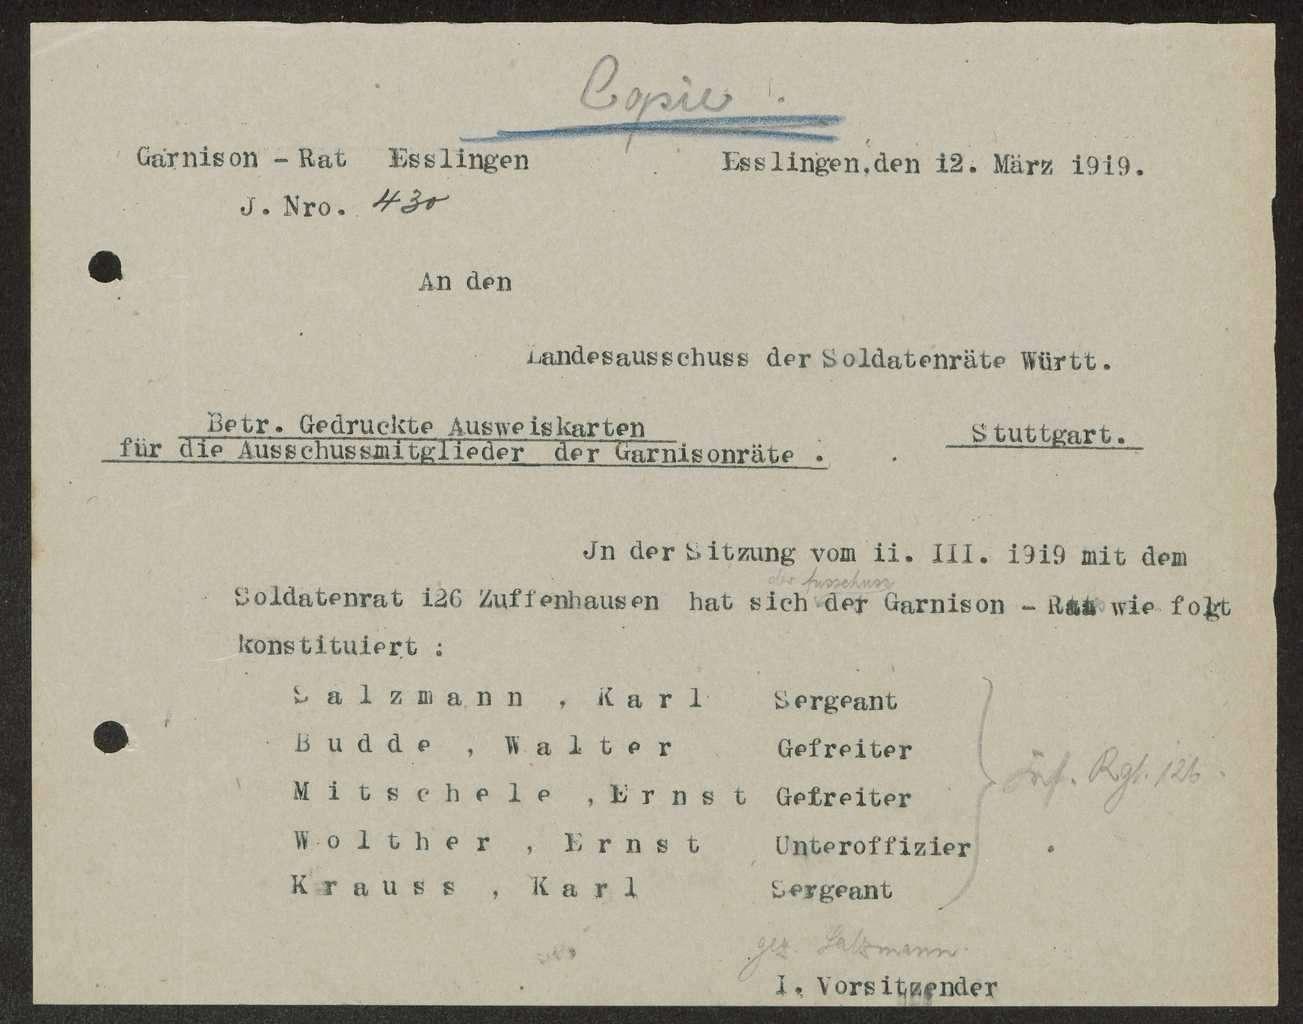 Zusammensetzung des Garnisonrats Esslingen, Bild 3